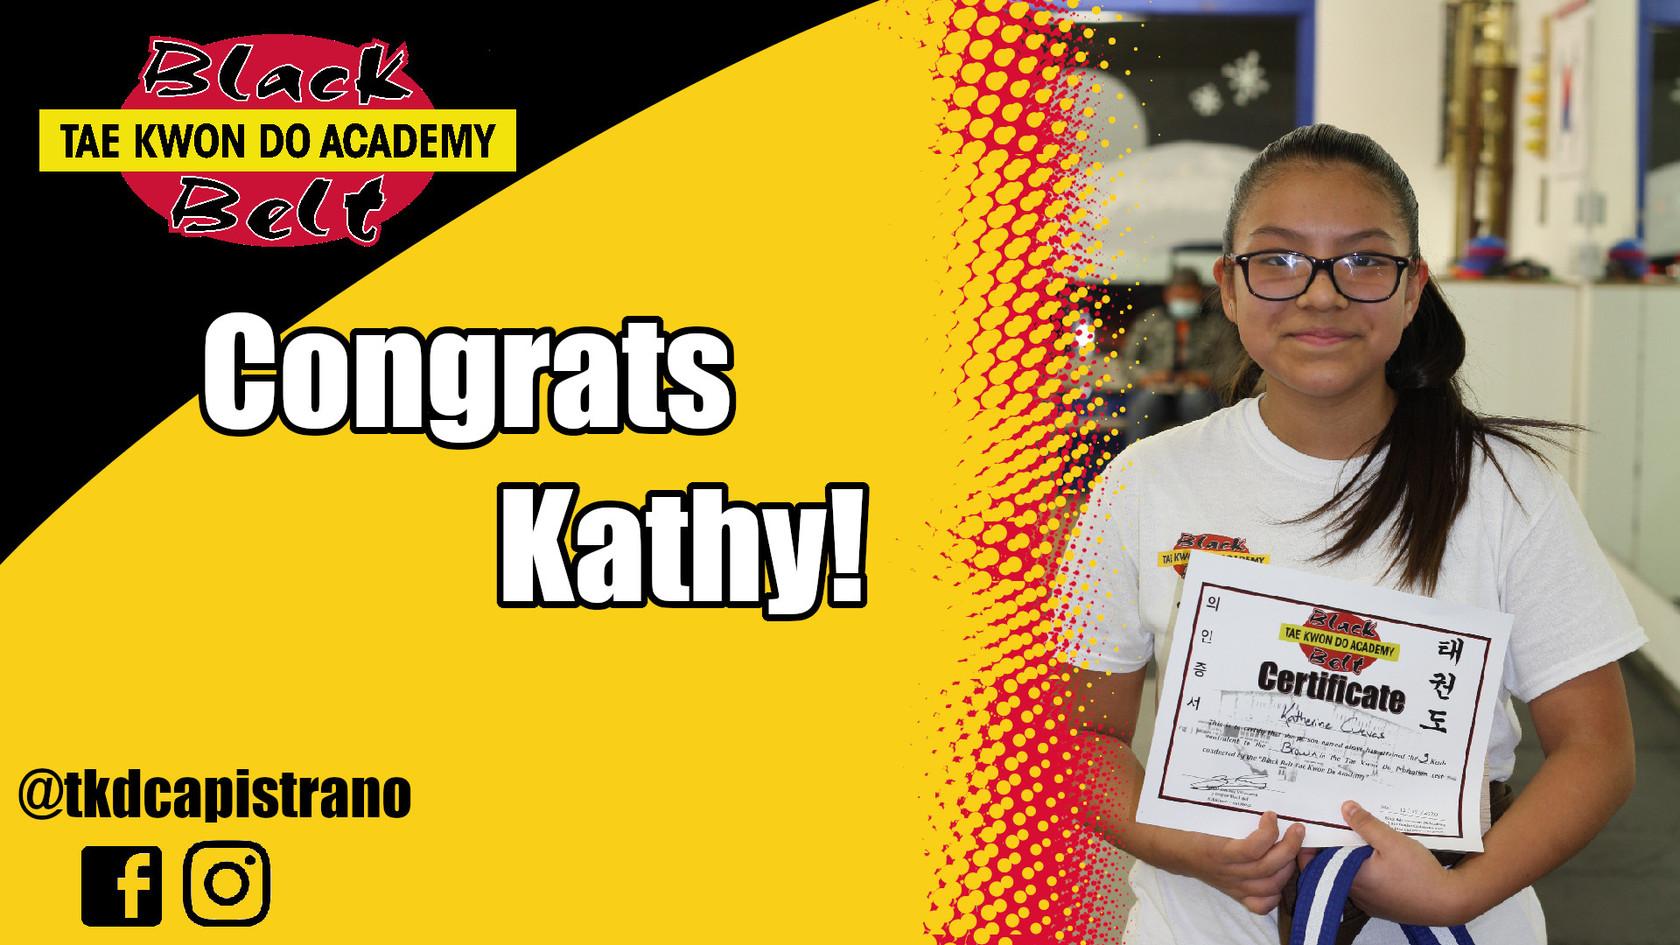 Congrats Kathy!